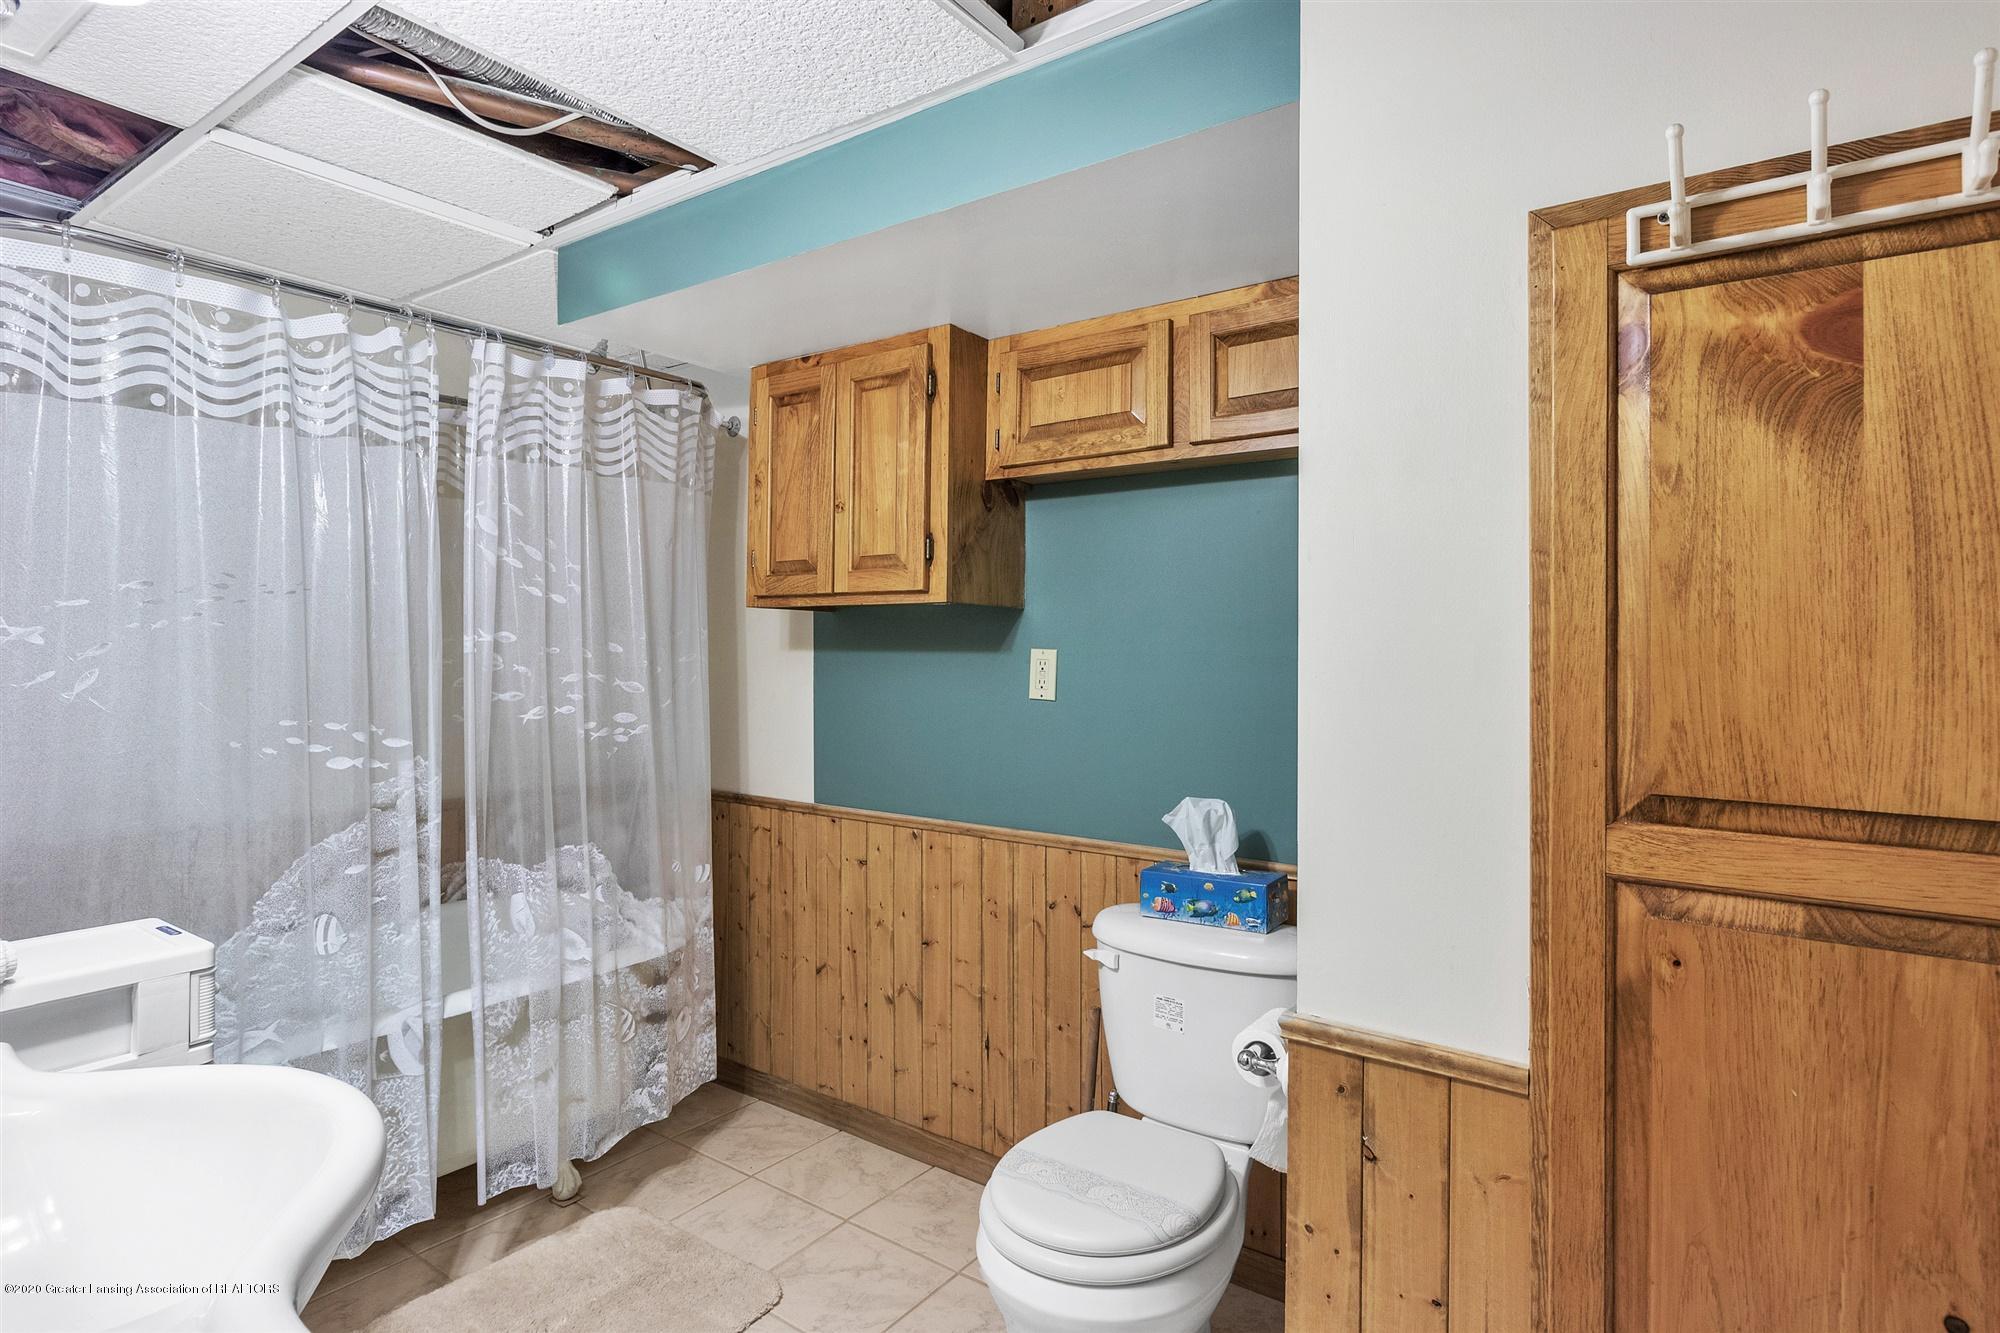 10494 Nixon Rd - 42-10494 Nixon Rd-windowstill-reale - 40